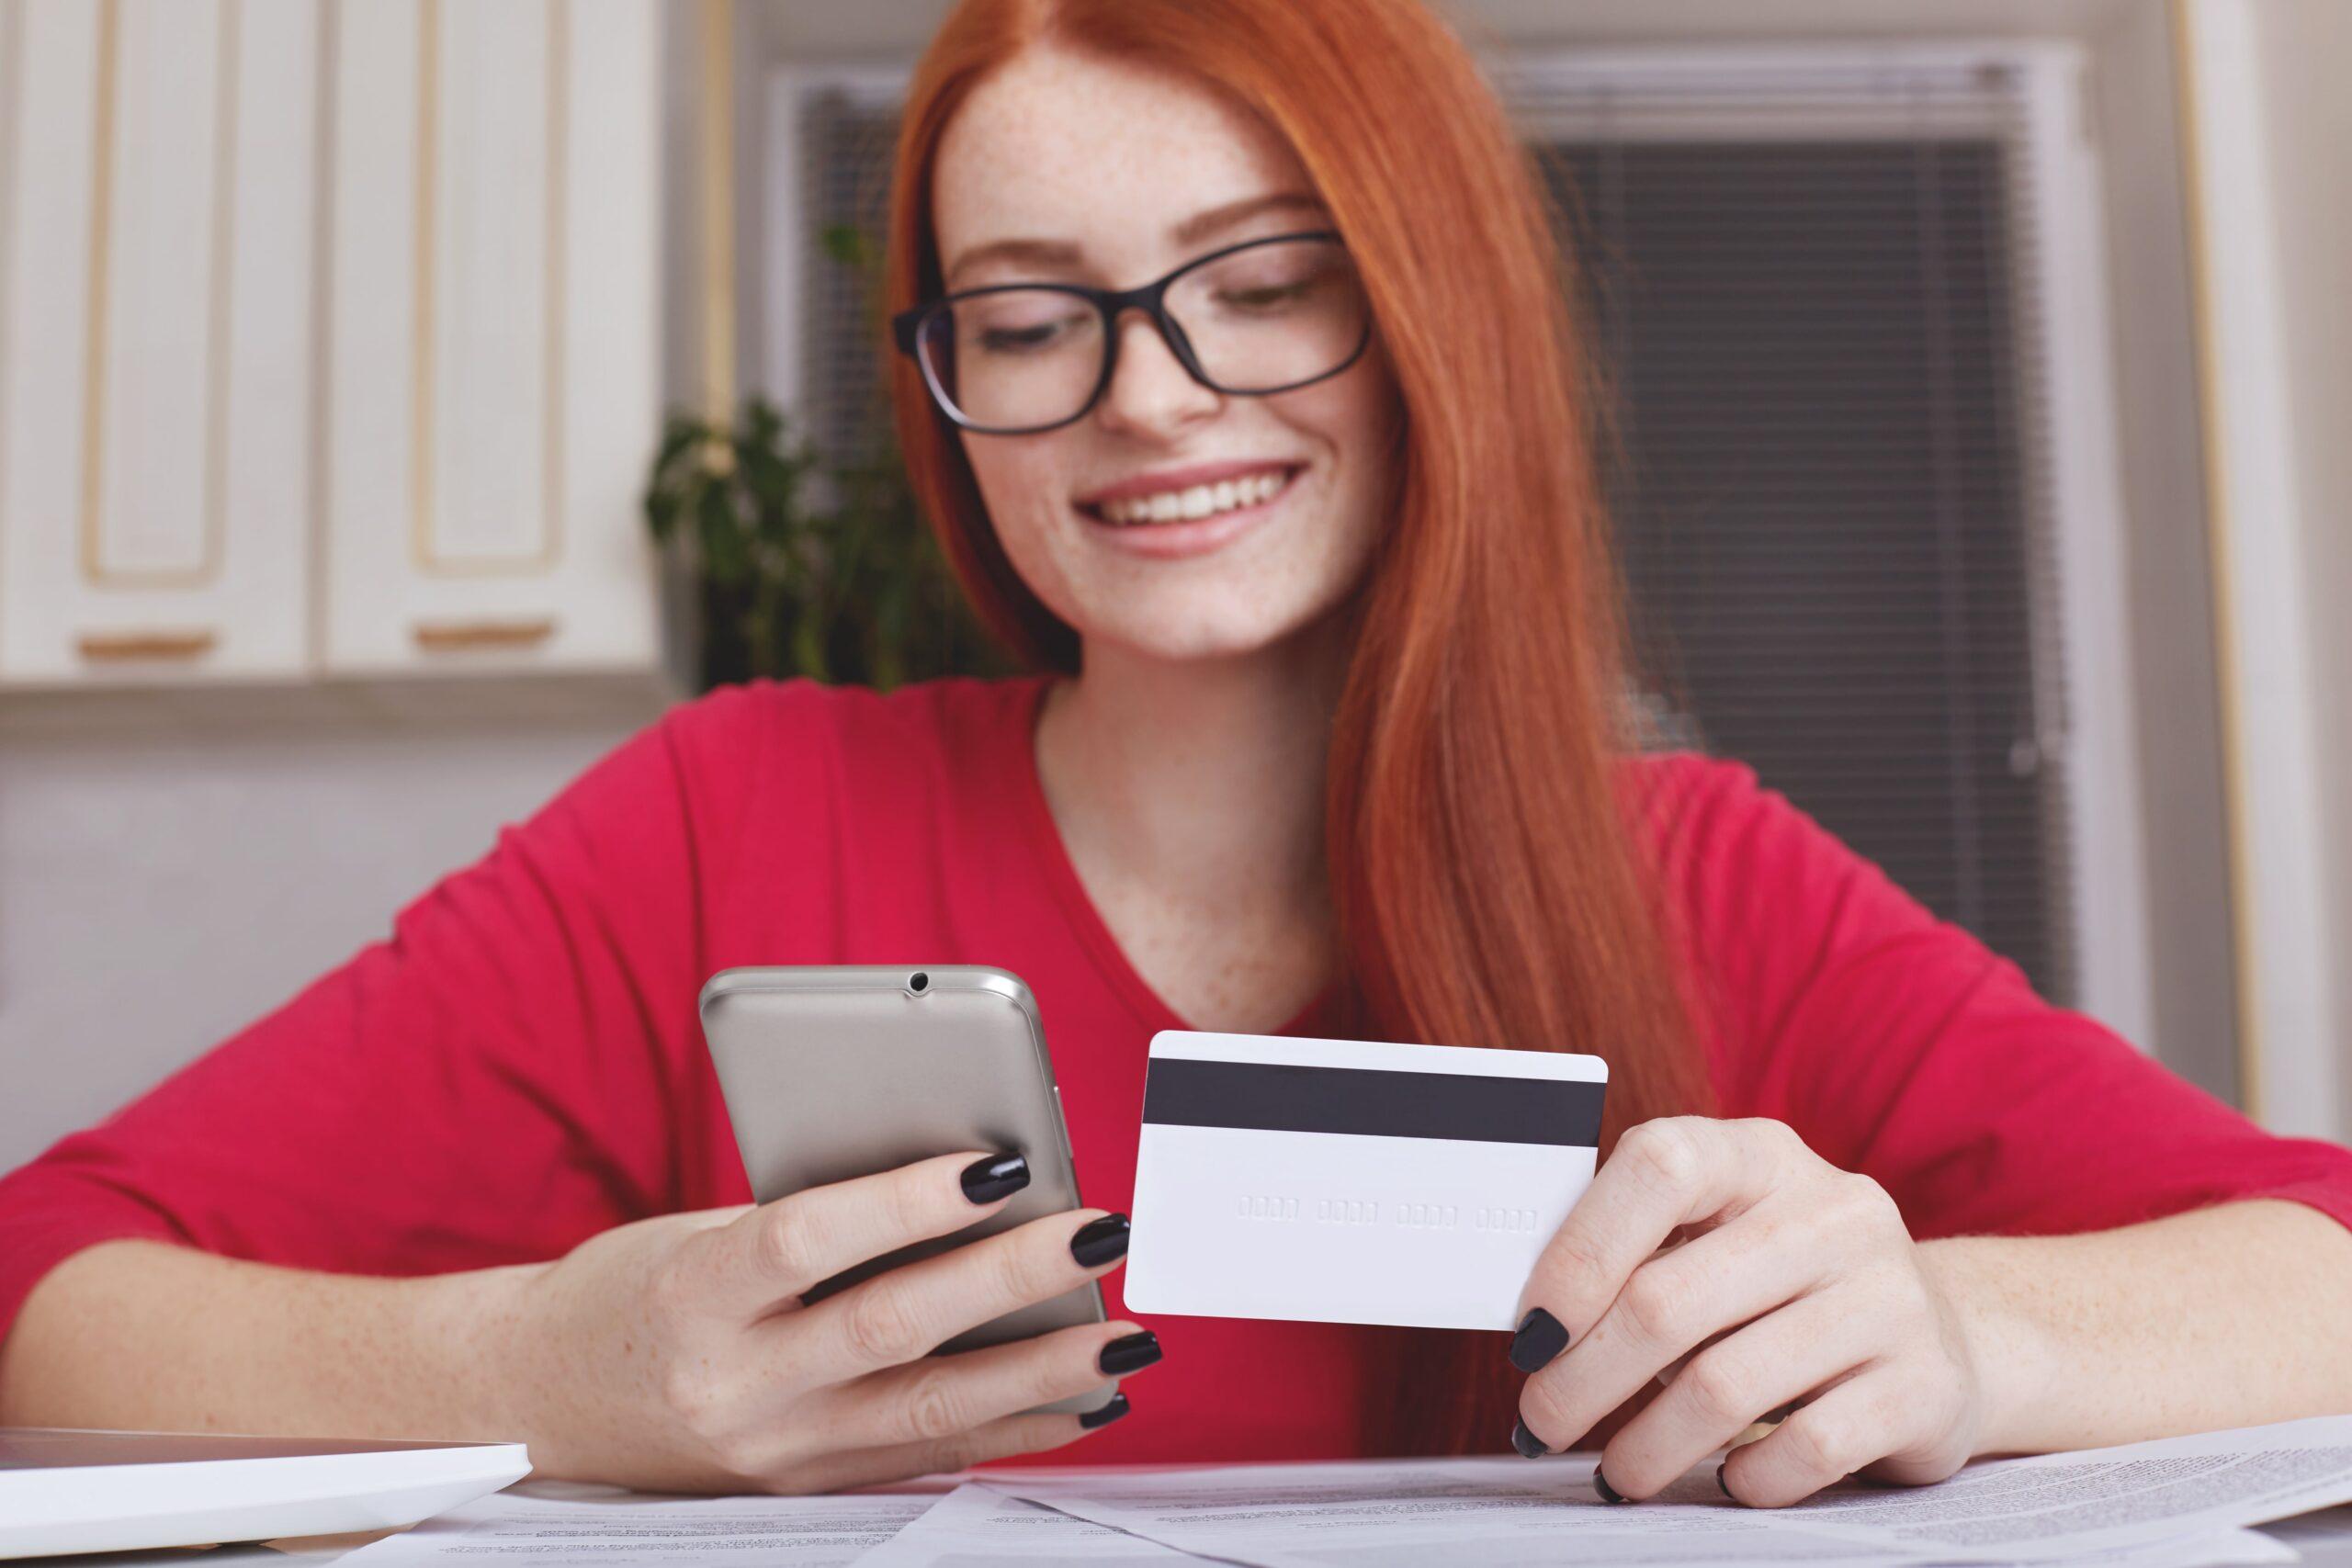 Consumidora na etapa de decisão de compra